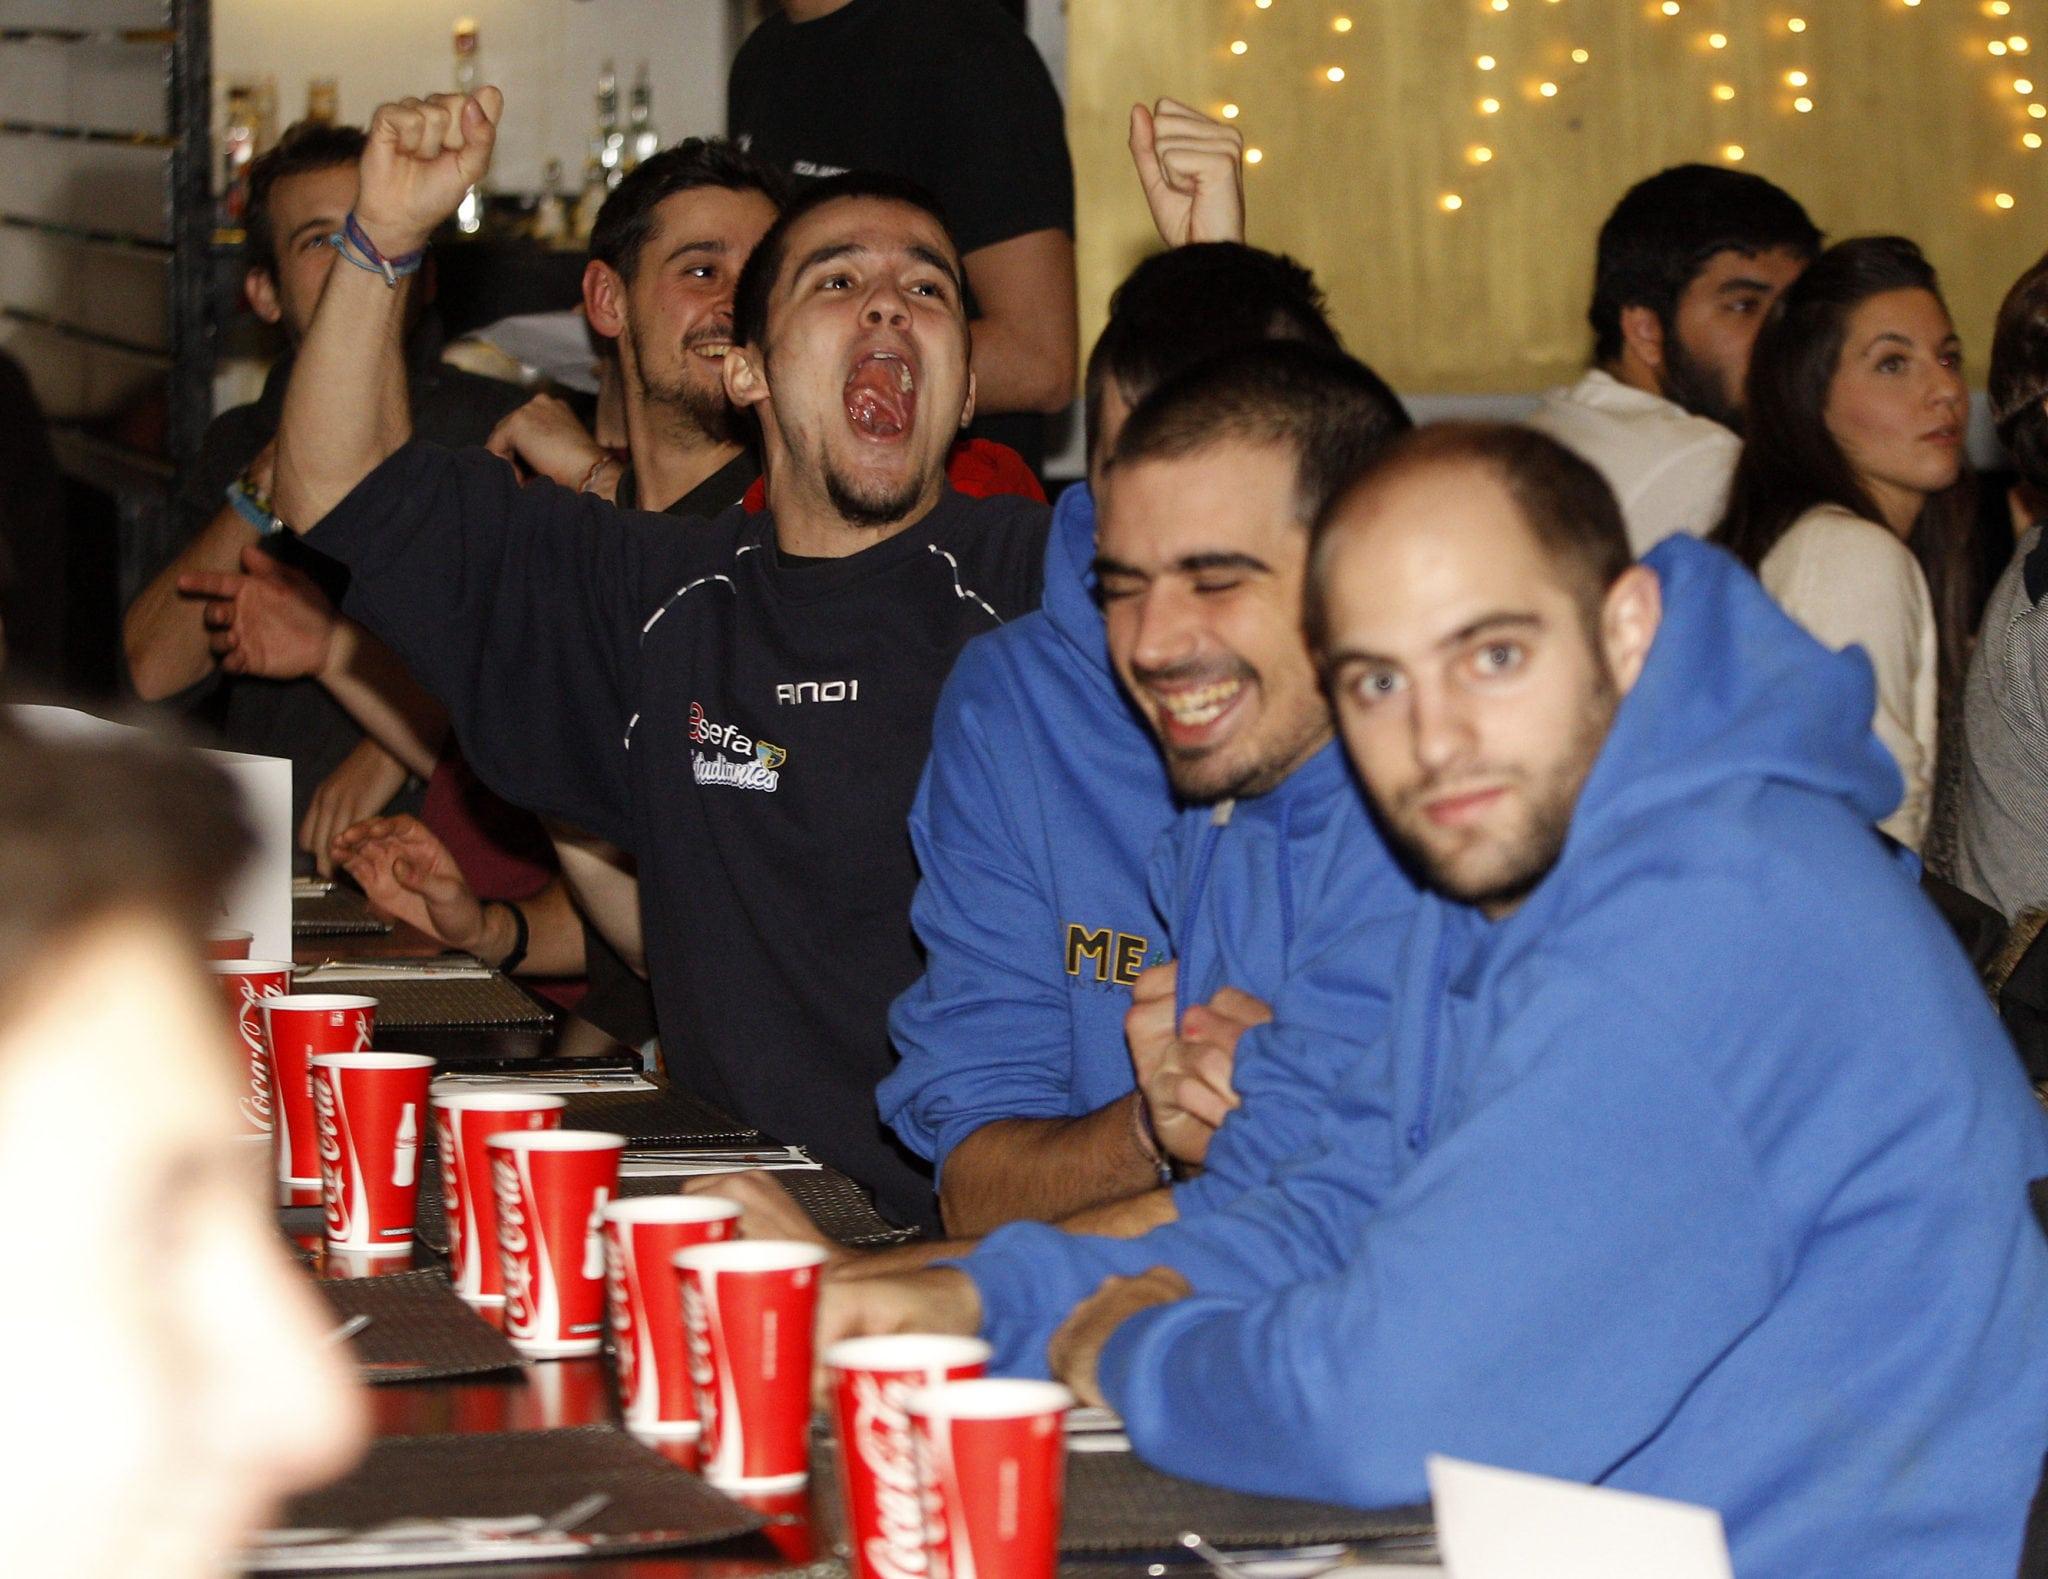 Conjura entre equipos y afición en la cena #ConmigoNoPueden